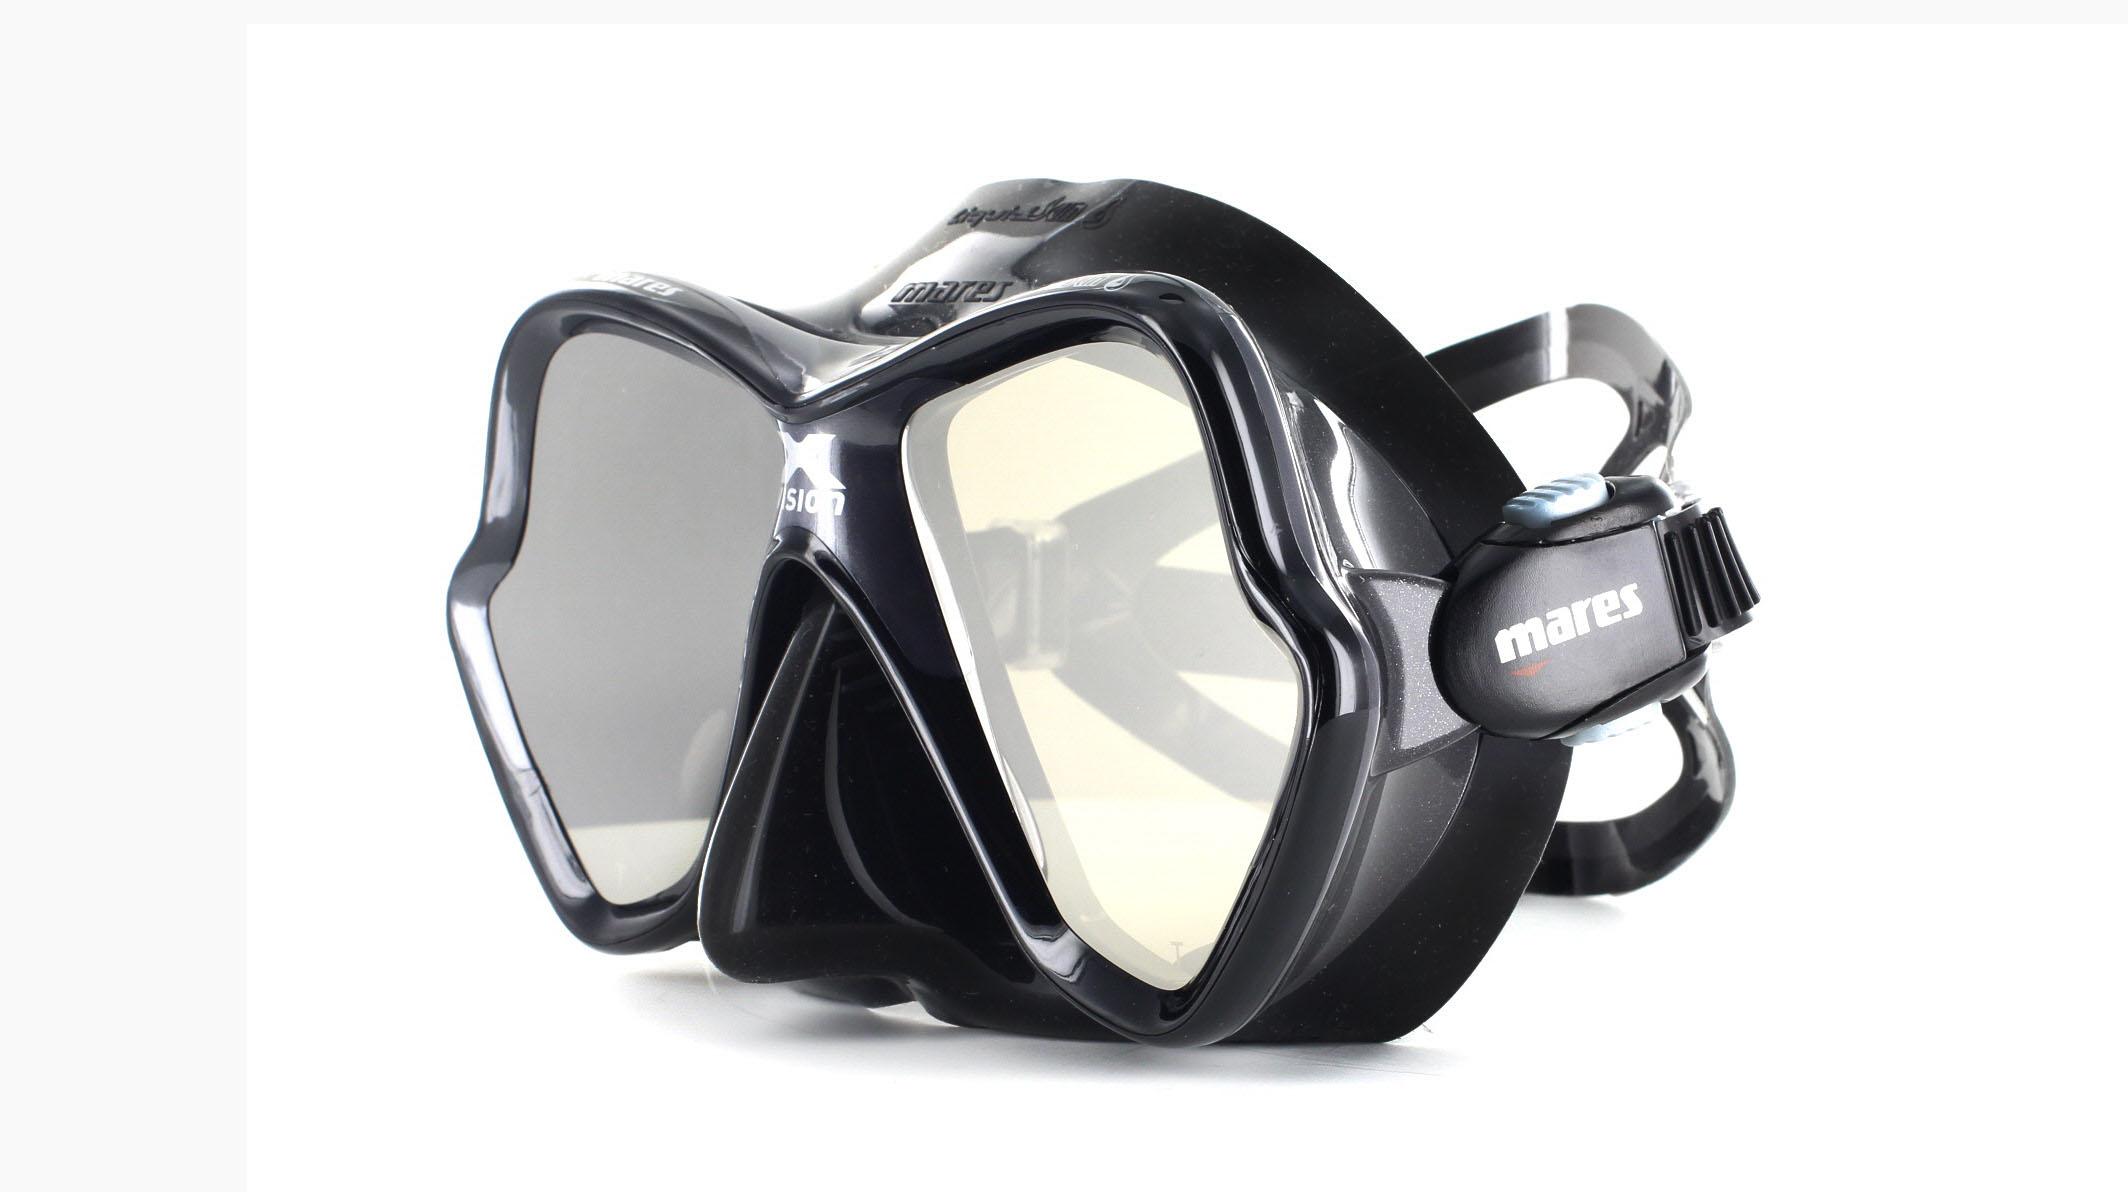 Mares X-Vision Ultra LS - Black/Silver Mirrored Schräge Ansicht